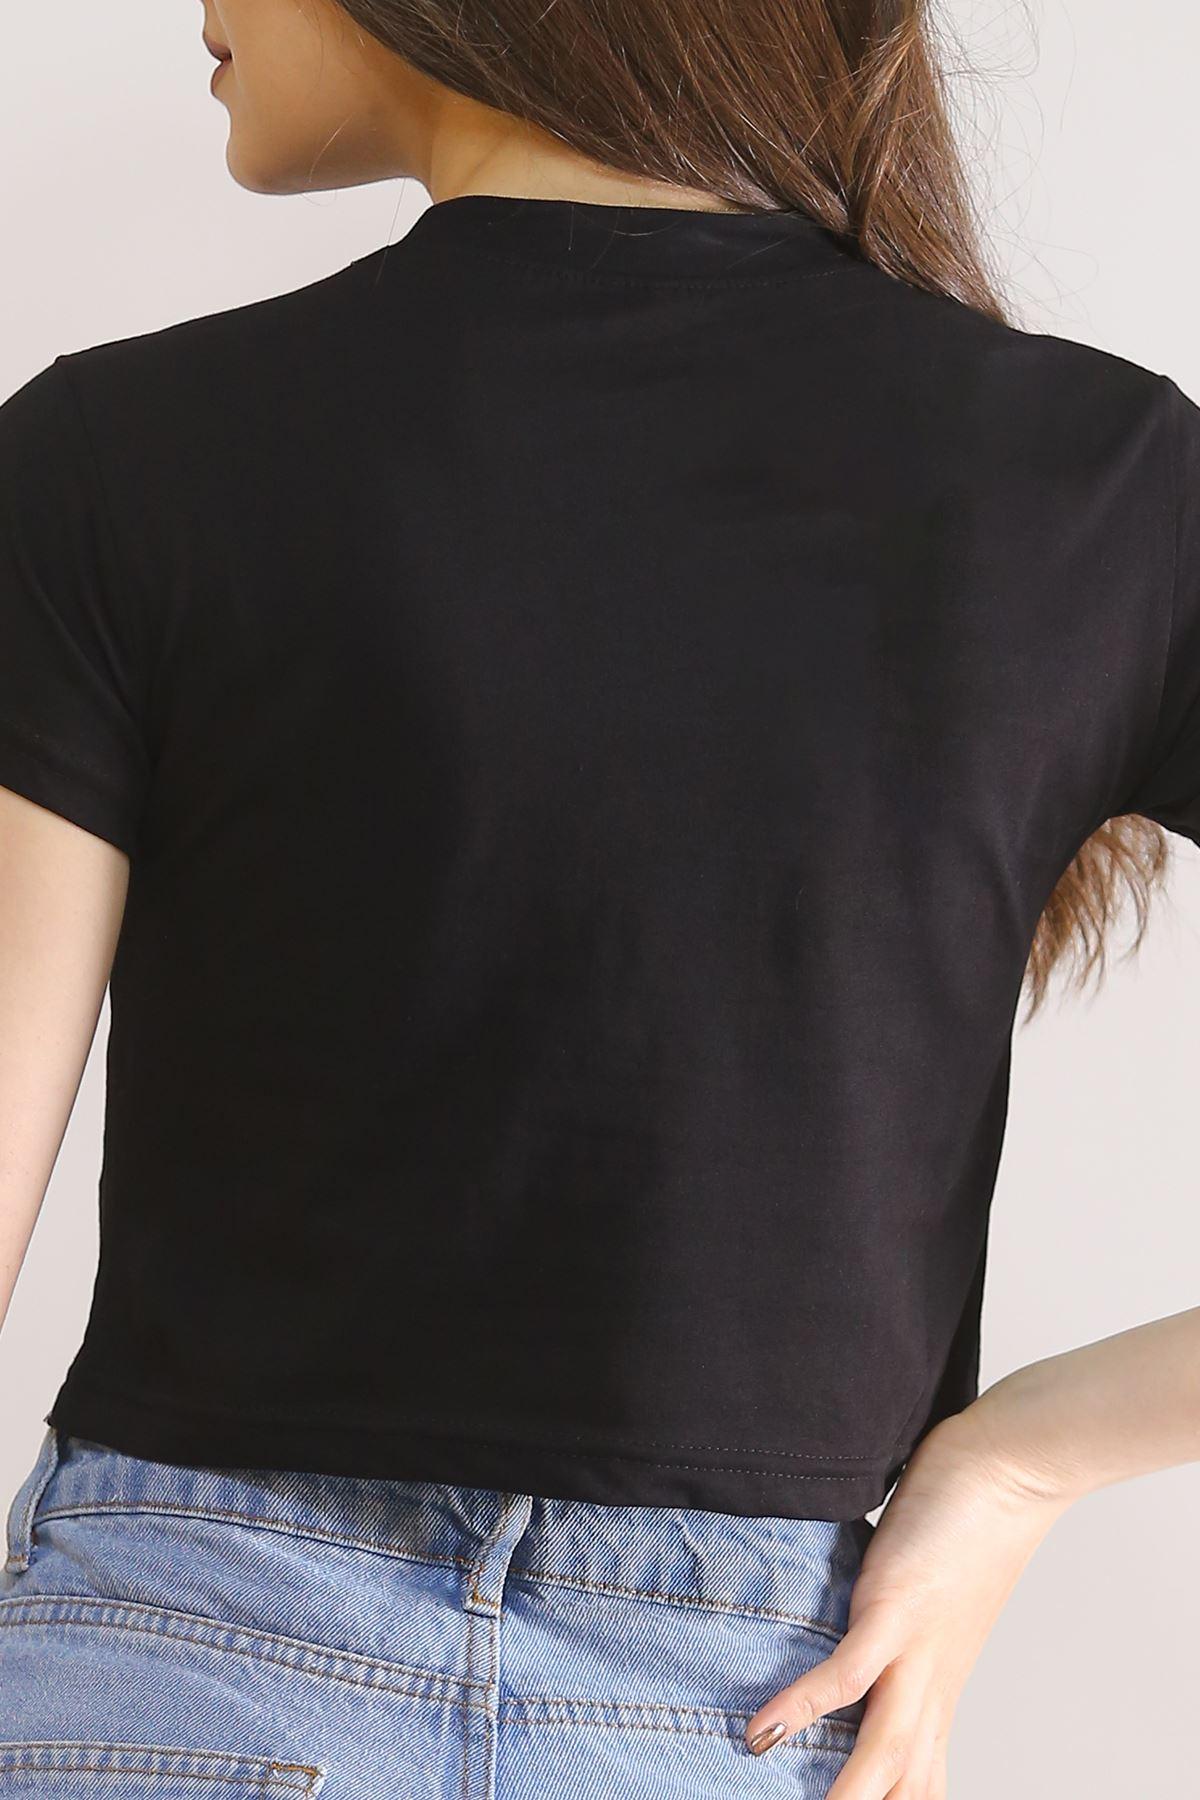 Baskılı Crop Tişört Siyah - 5845.1377.